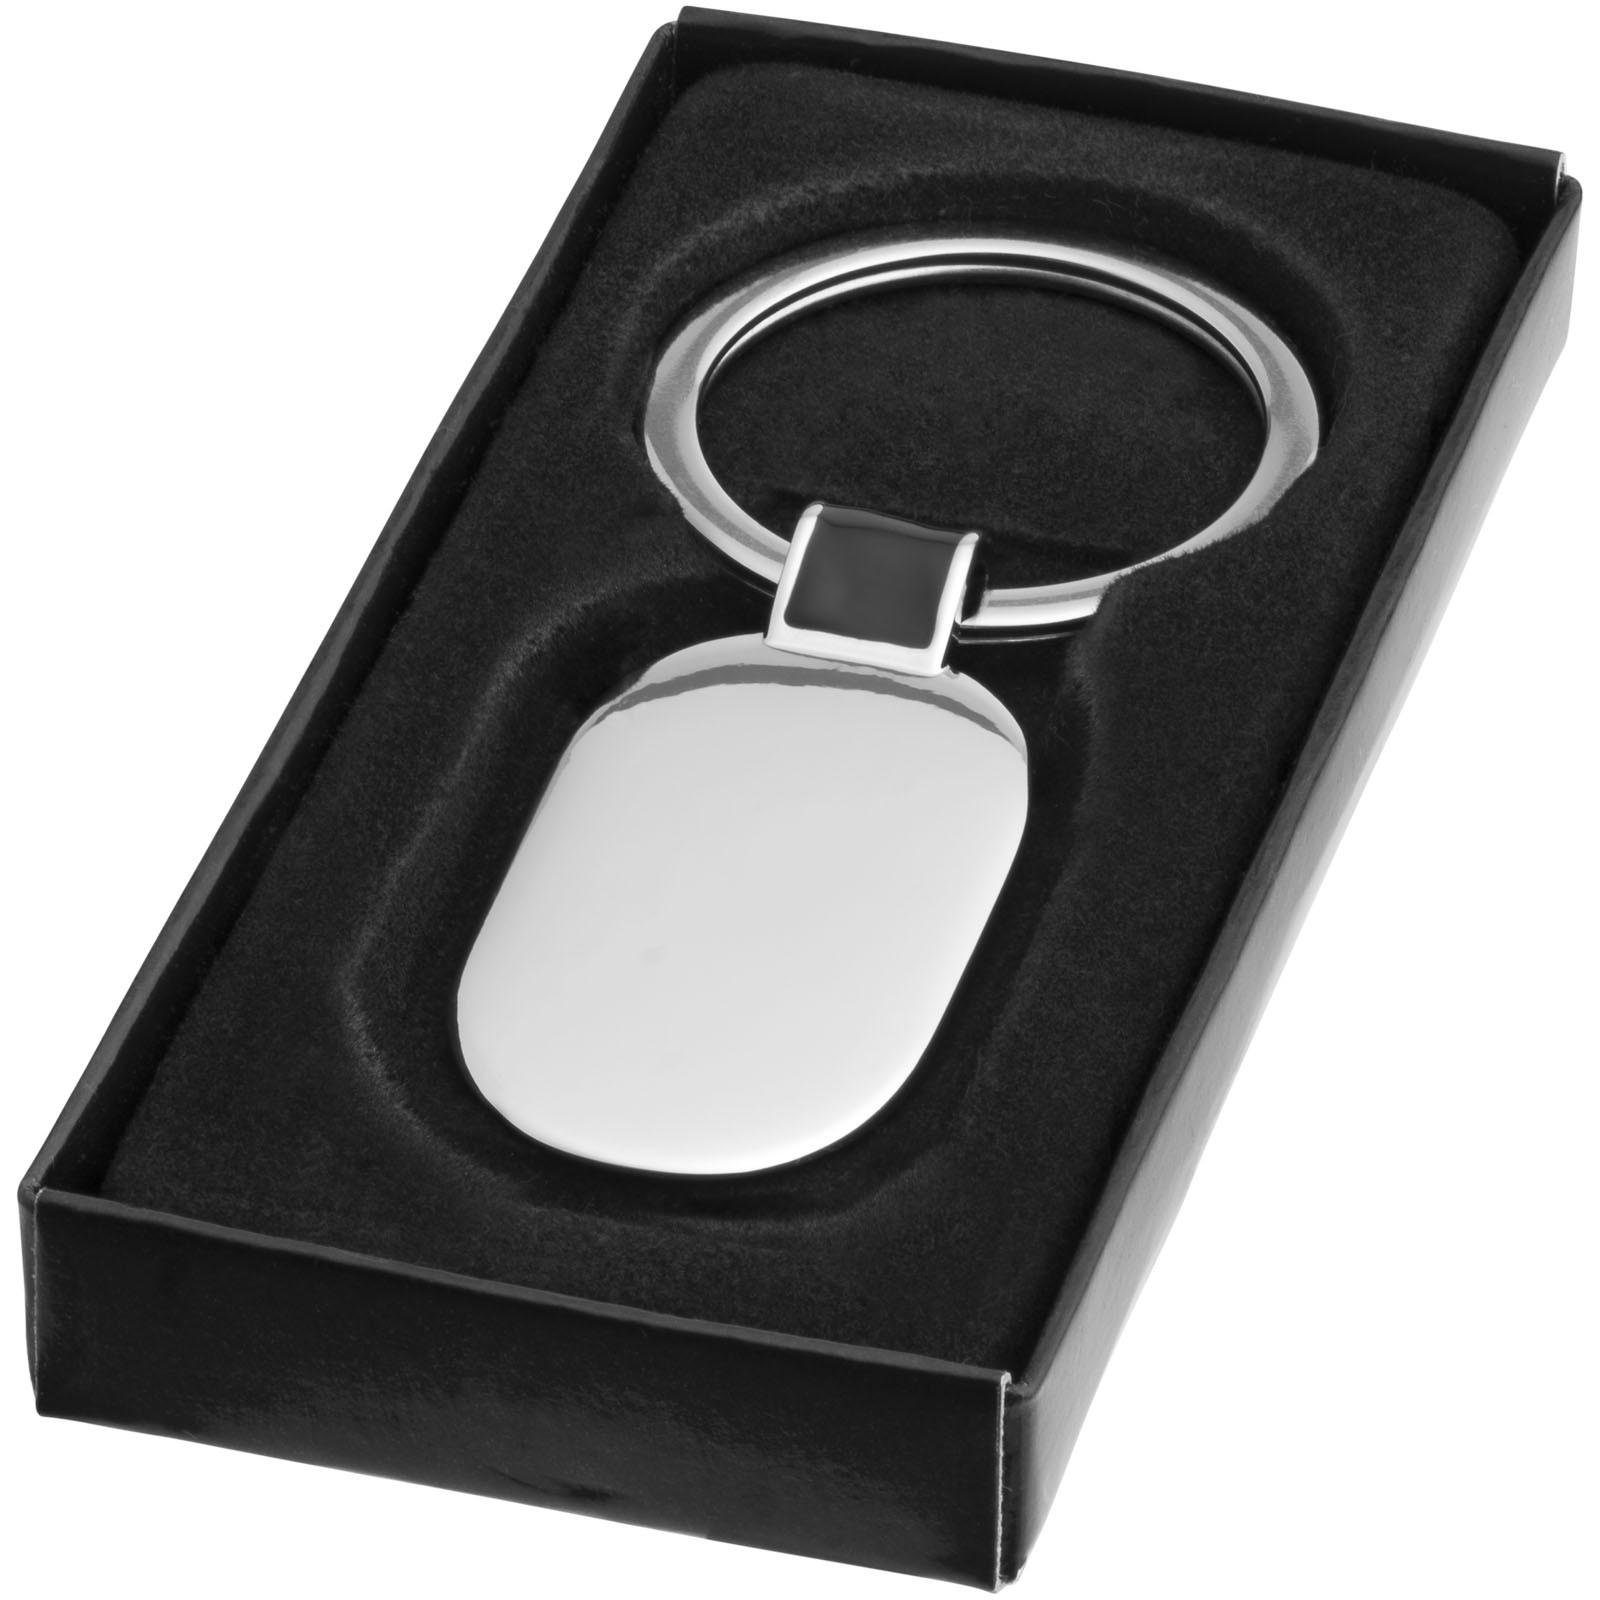 Barto ovaler Schlüsselanhänger - schwarz / silber